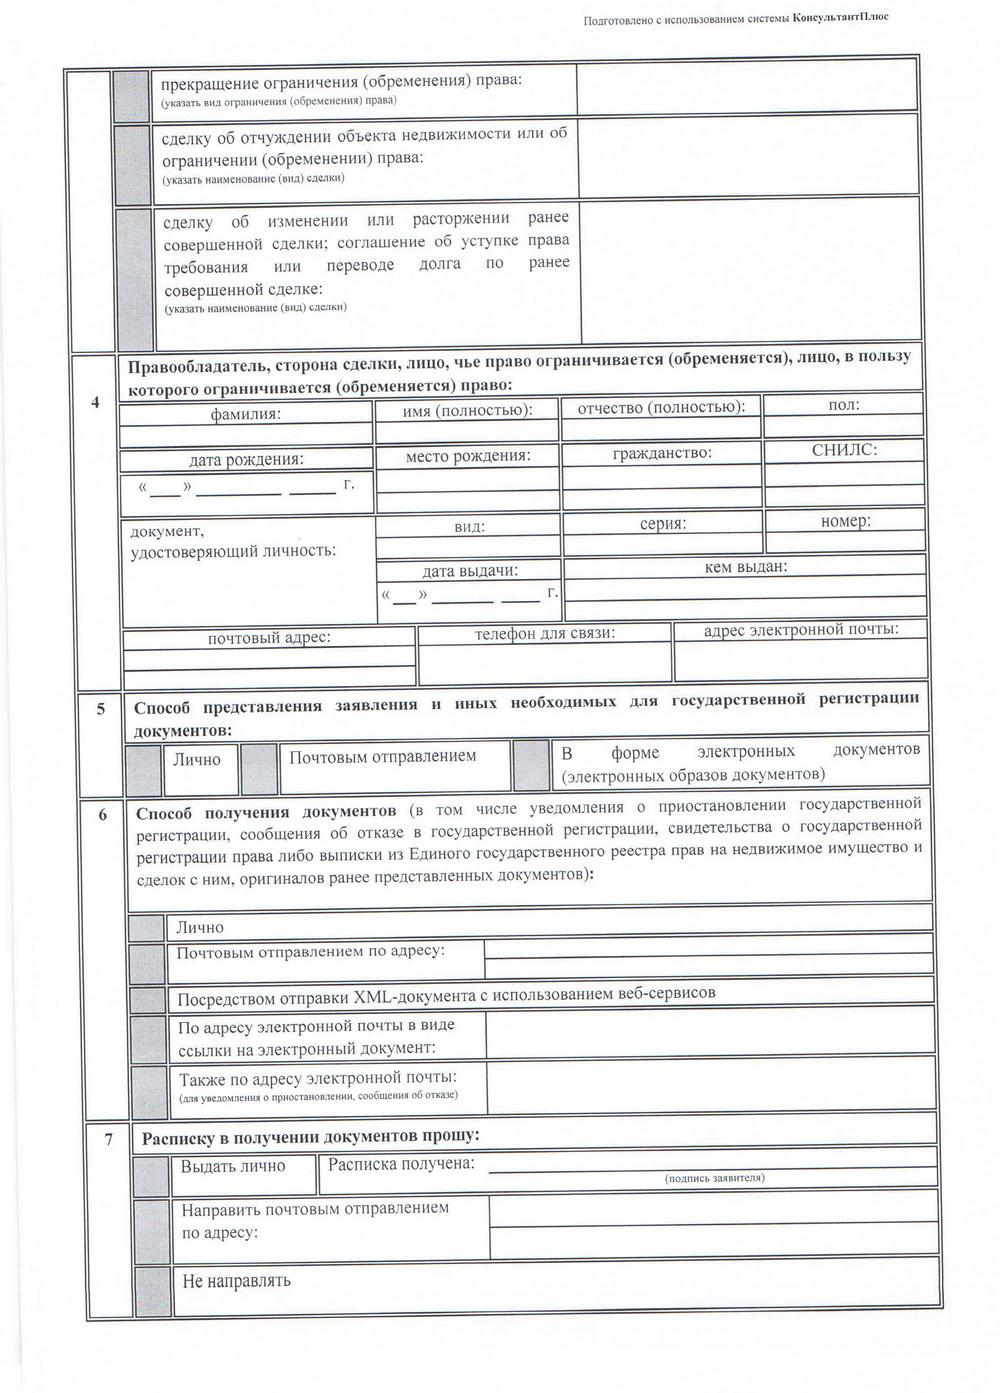 пропустившим форма заявления на государственную регистрацию прав на недвижимое имущество разве